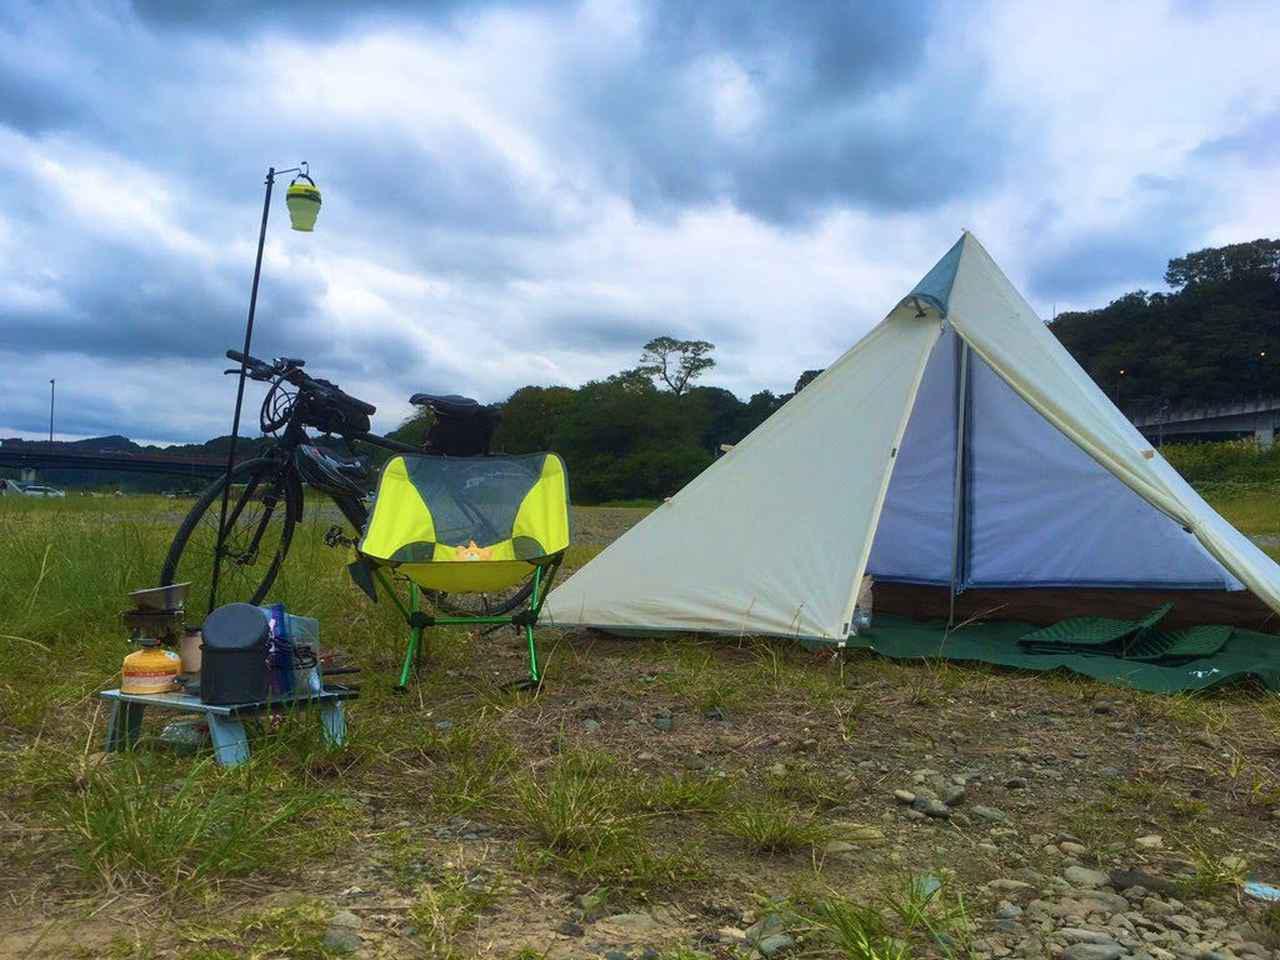 画像1: 【徹底レビュー】自転車ソロキャンプにおすすめ! テンマクデザインのパンダテントの魅力 - ハピキャン(HAPPY CAMPER)